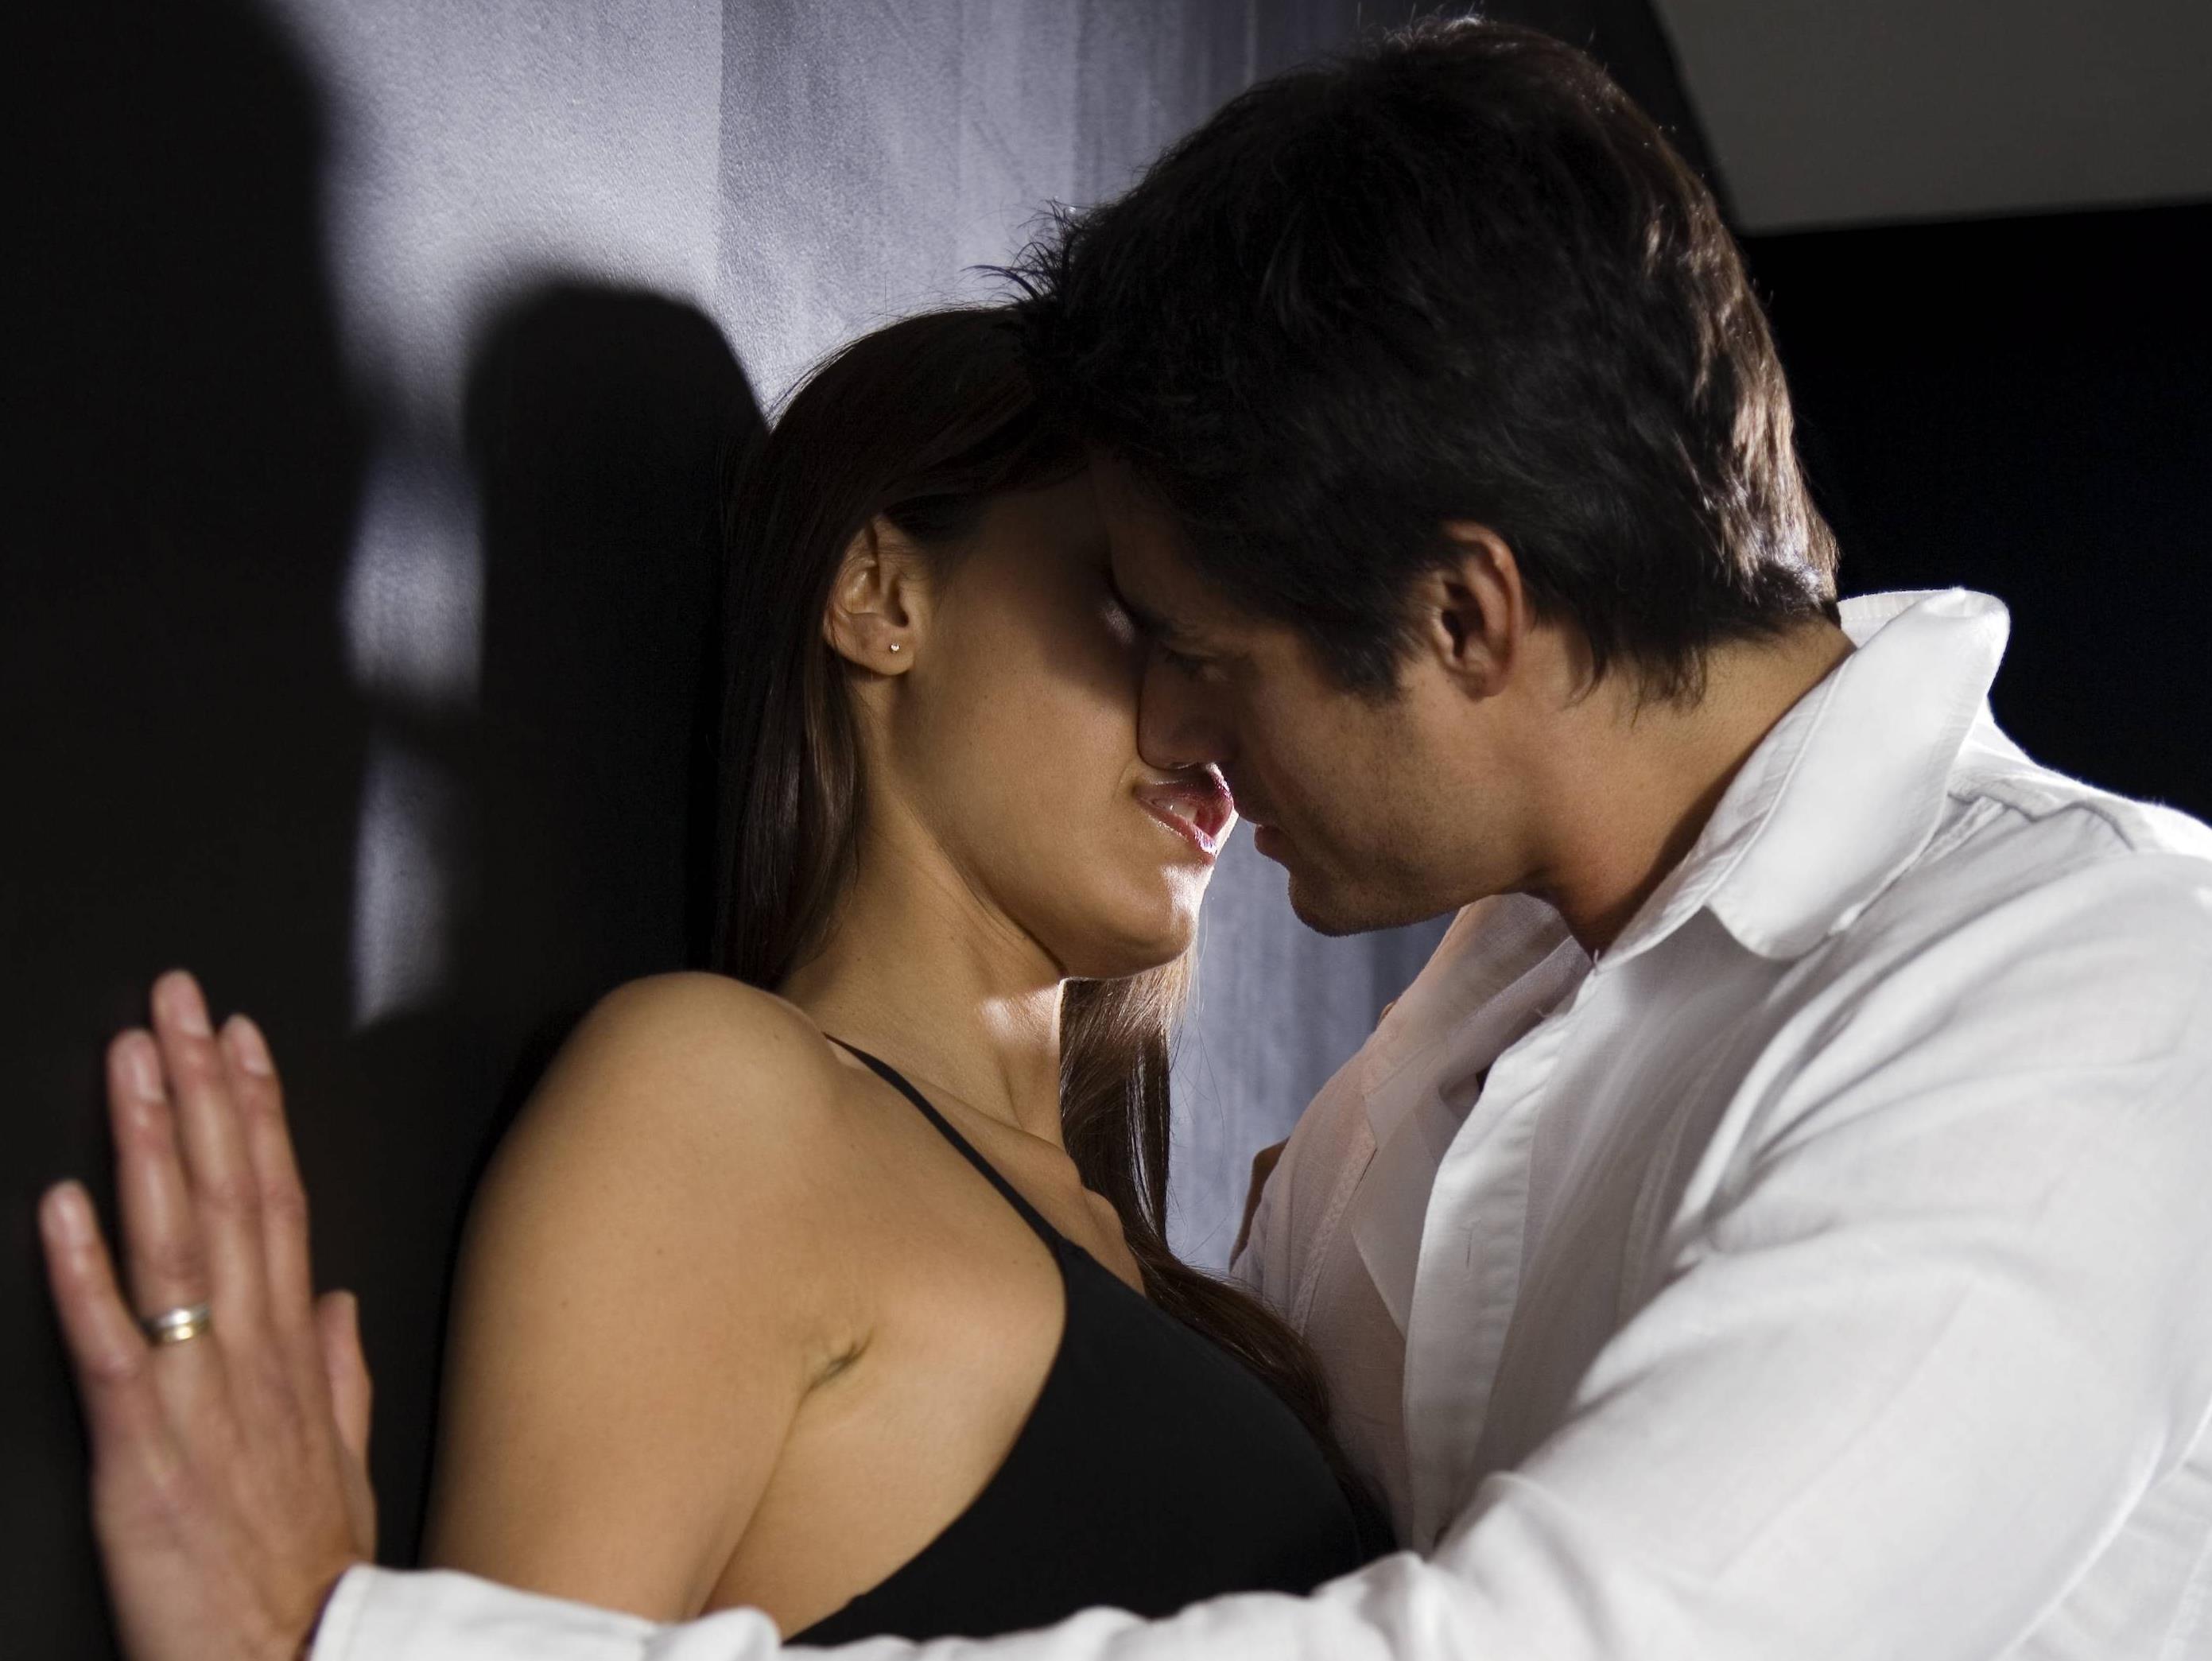 czarny i biały mężczyzna uprawiają seks zakazane rury porno